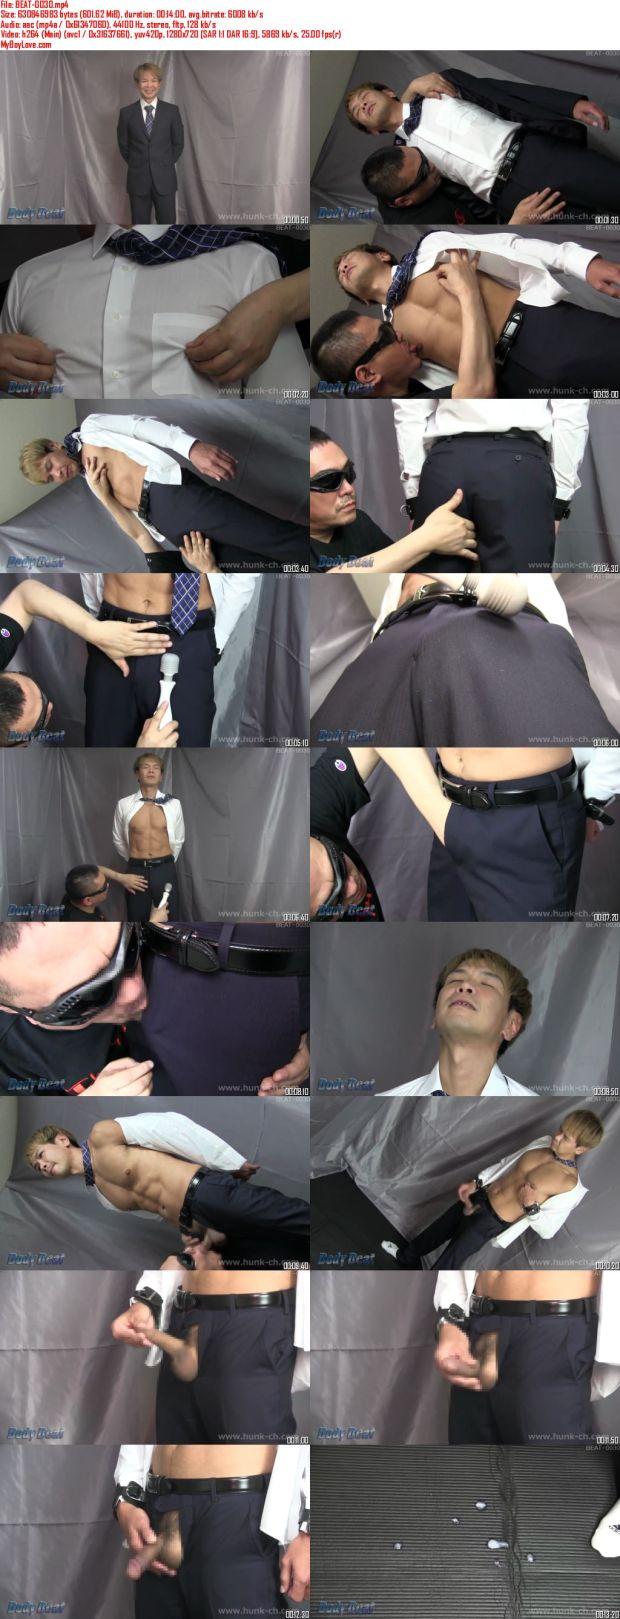 HUNK CHANNEL – BEAT-0030 – スーツを身にまとった色黒マッチョが拘束されて振動責めで濃厚ザーメン大放出